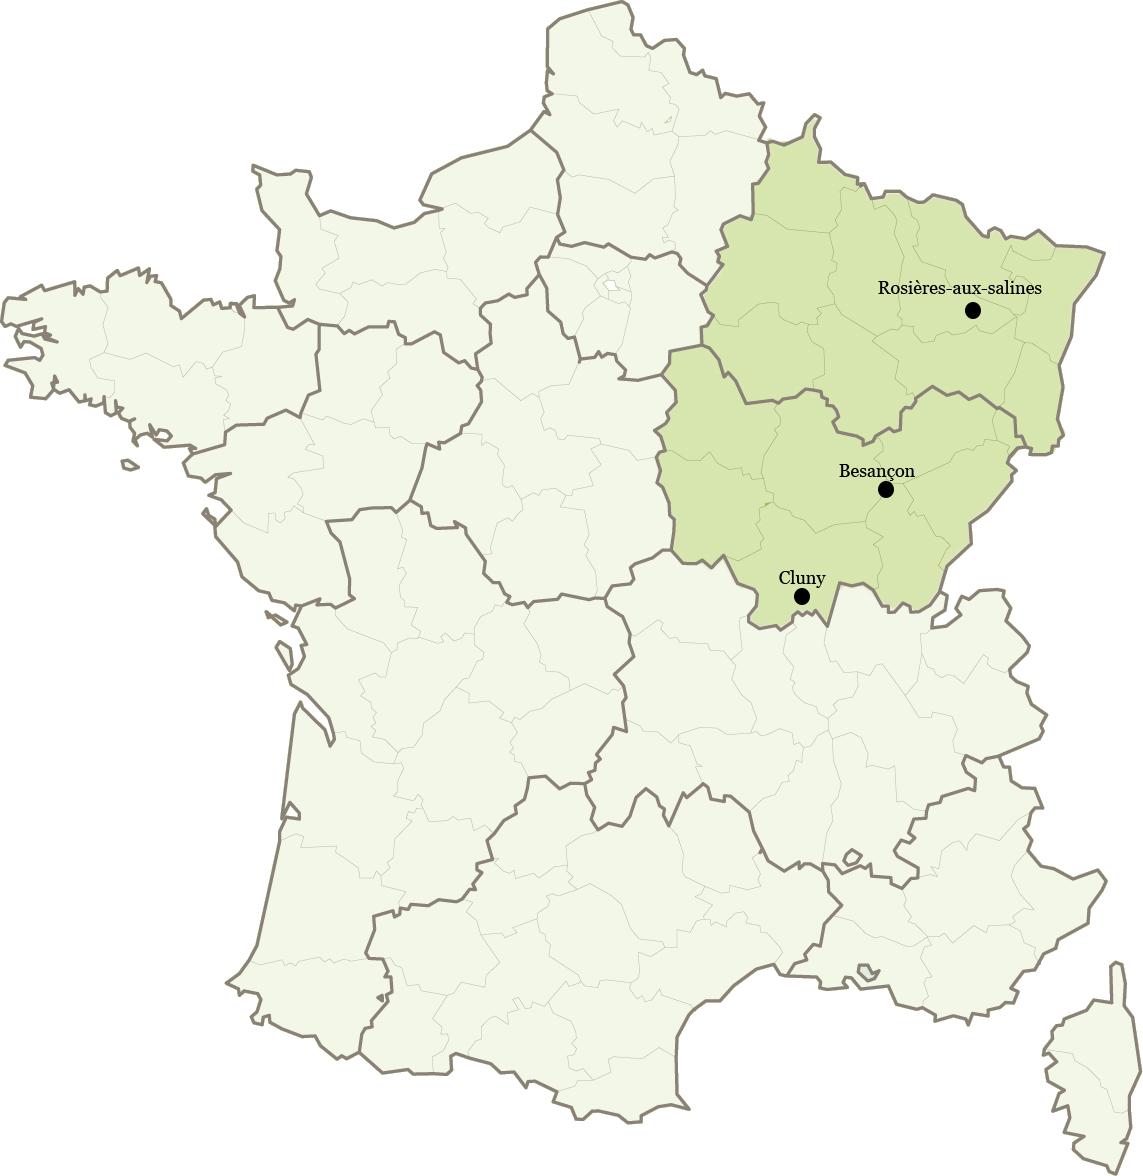 Ifce – Bourgogne Franche Comté, Grand Est